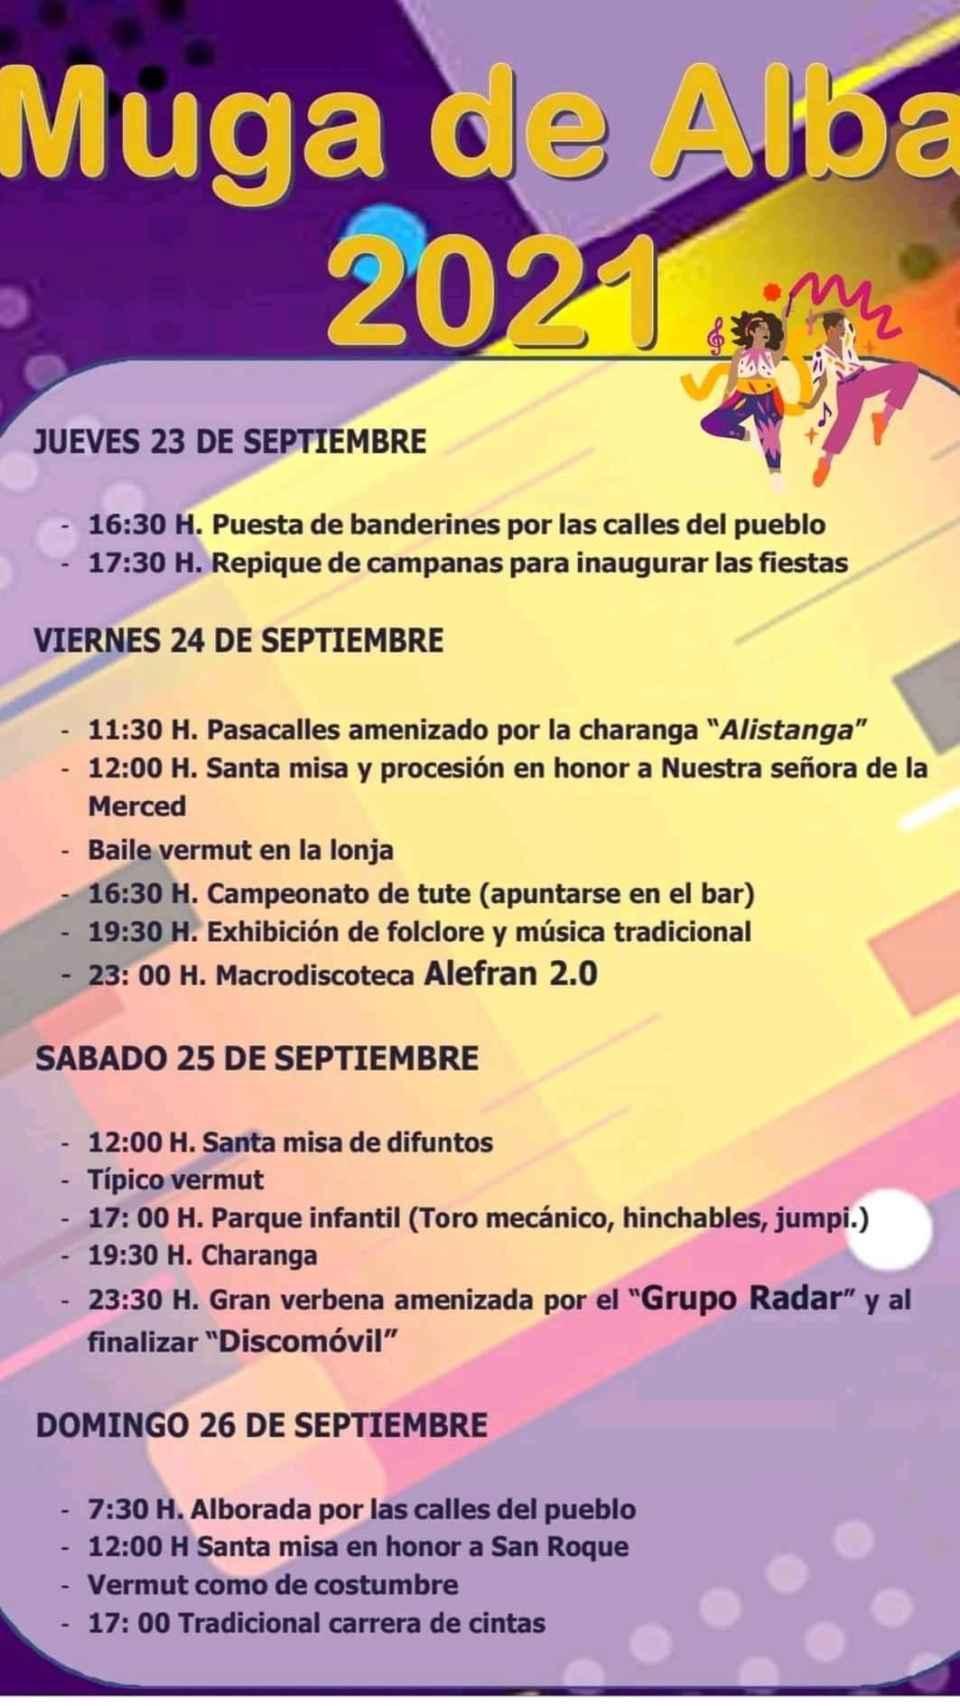 Programa de fiestas Muga de Alba